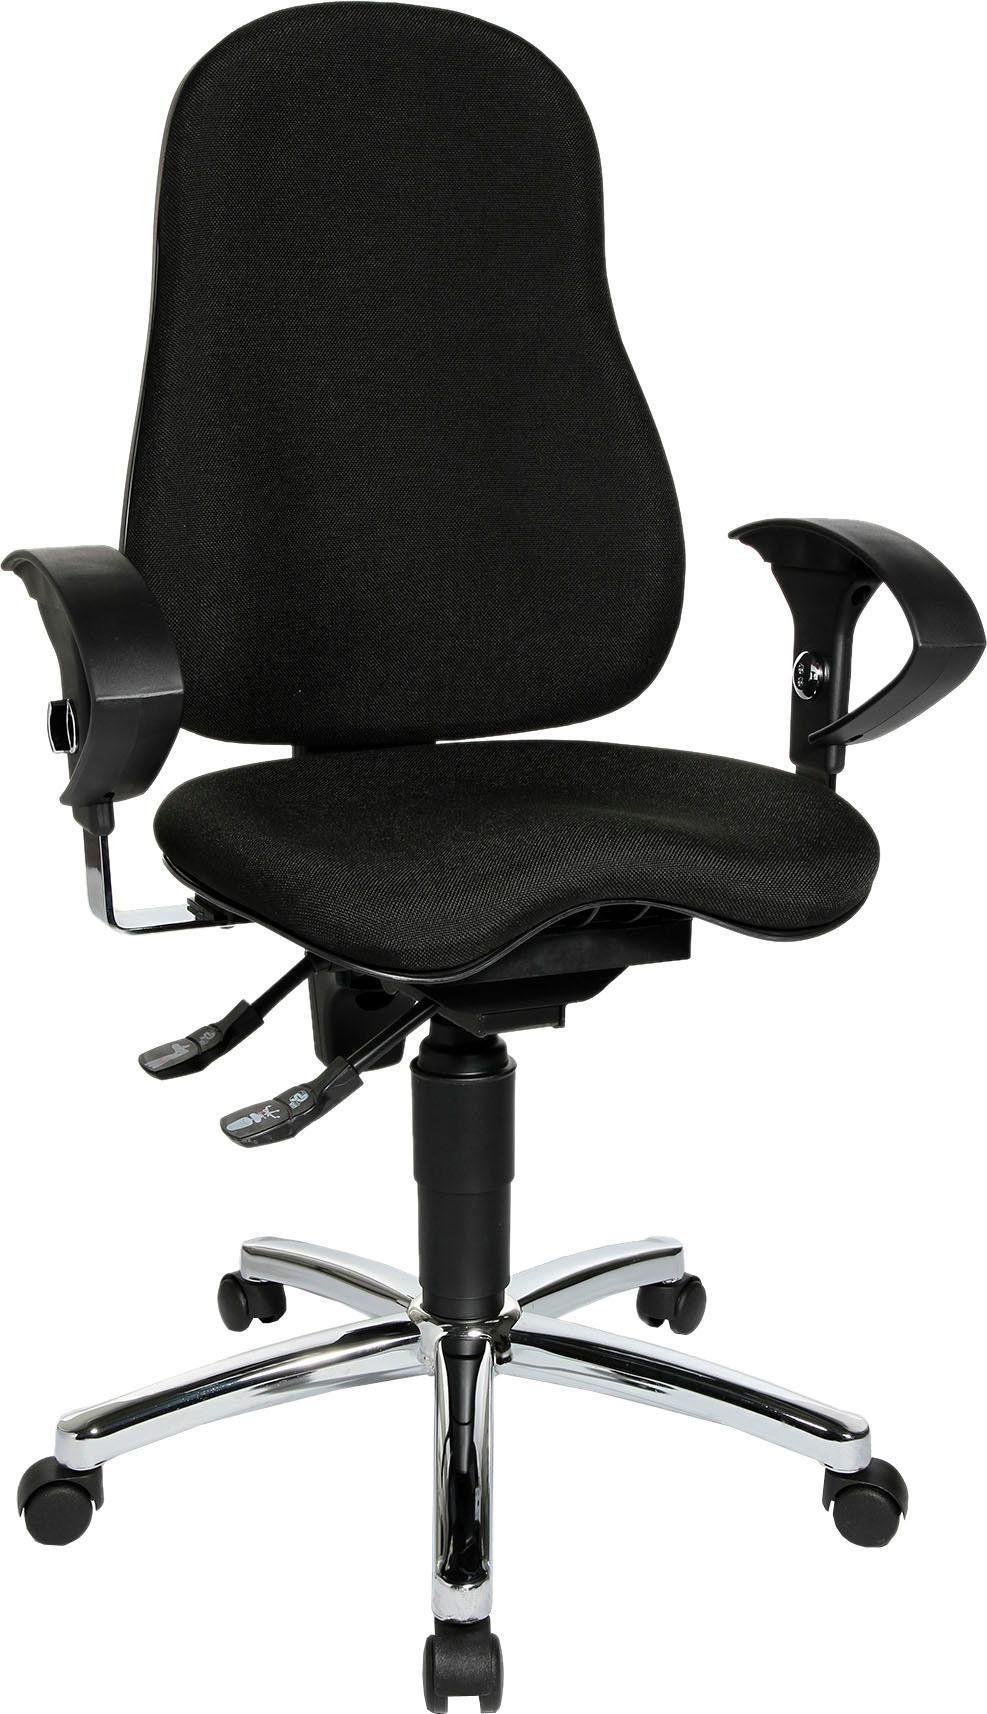 TOPSTAR Drehstuhl »Sitness 10«, Belastbarkeit bis max. 110 kg online kaufen | OTTO